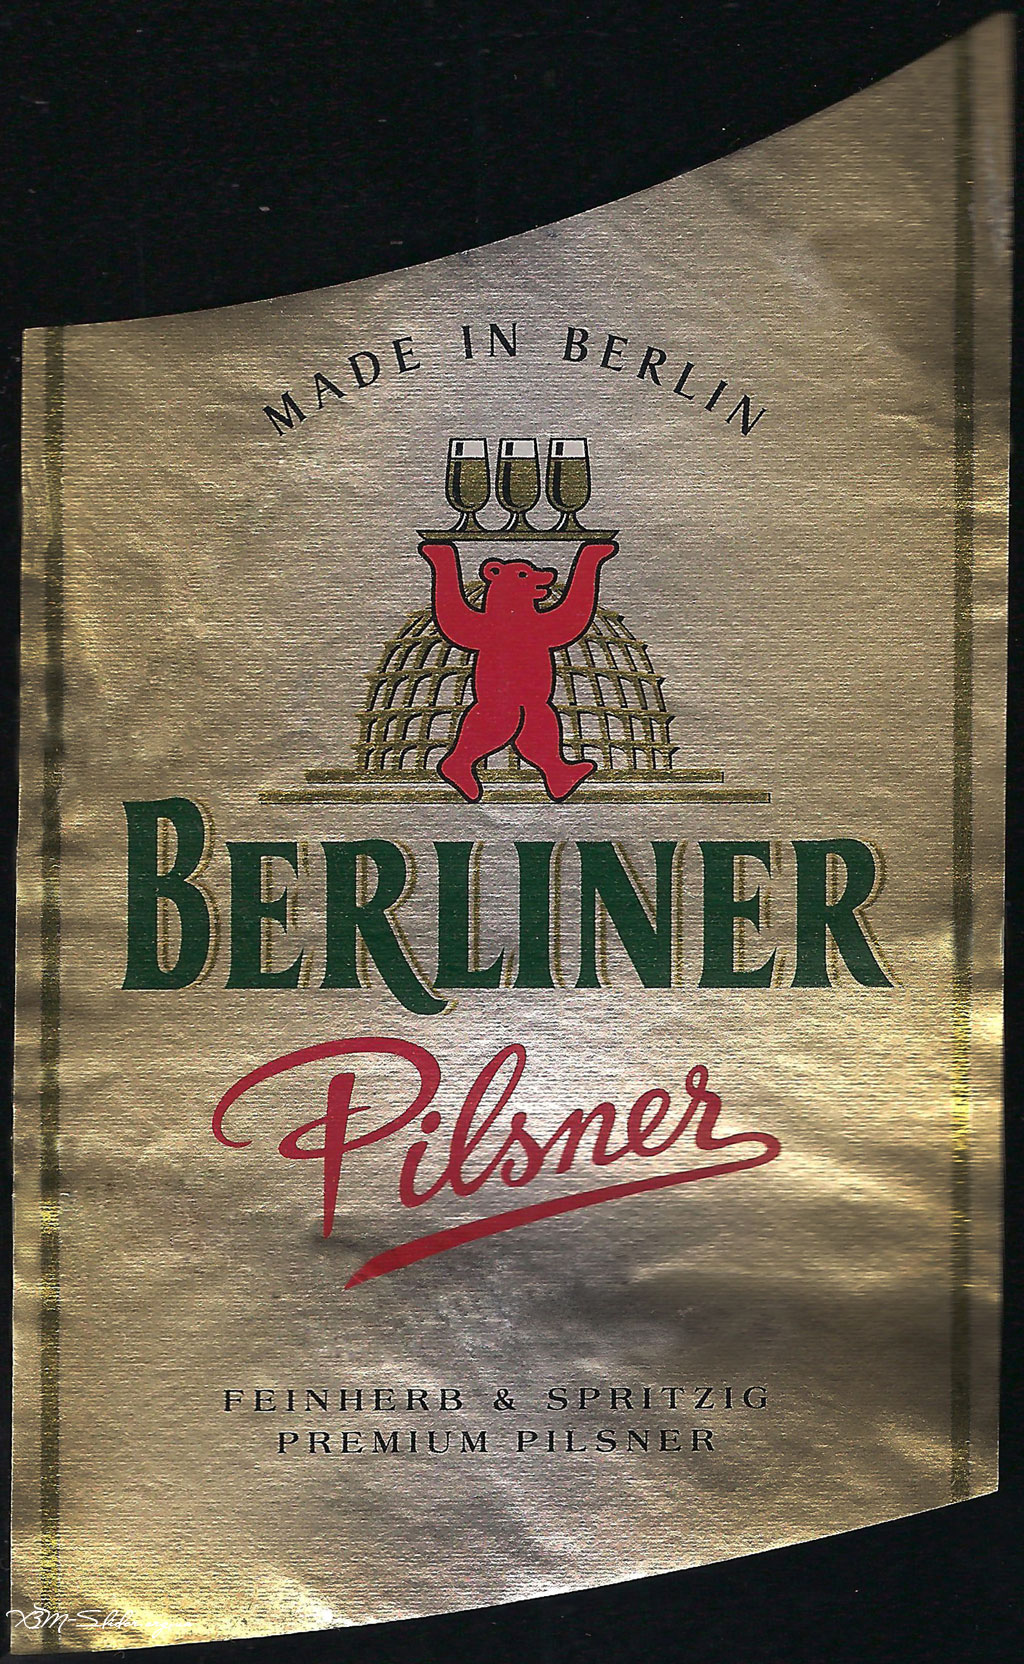 Berliner - Pilsner